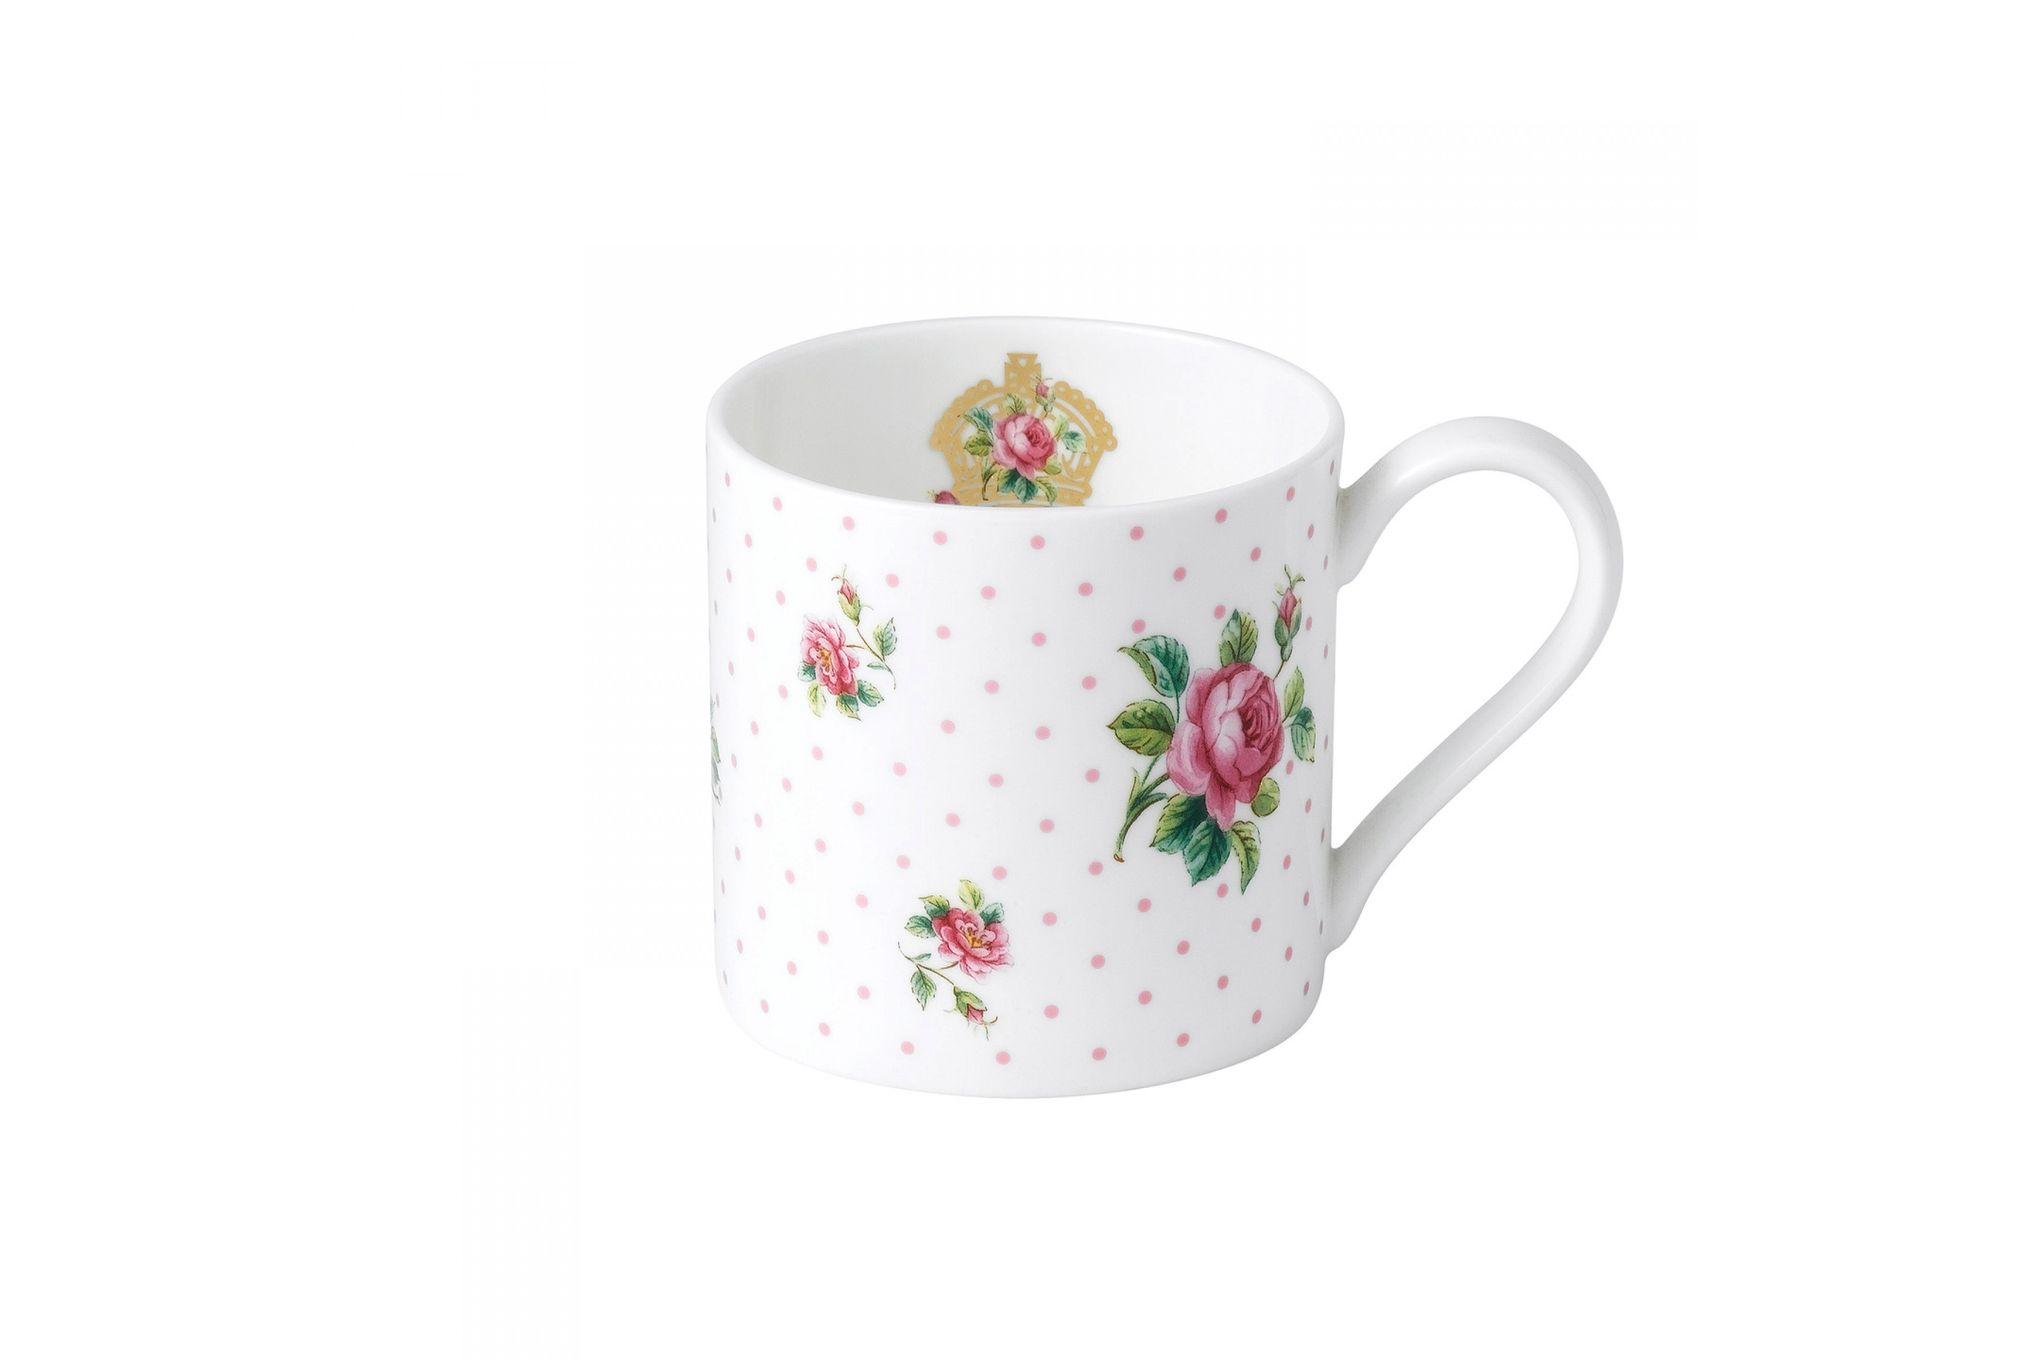 Royal Albert Cheeky Pink Mug Pink Roses - Modern Mug thumb 1